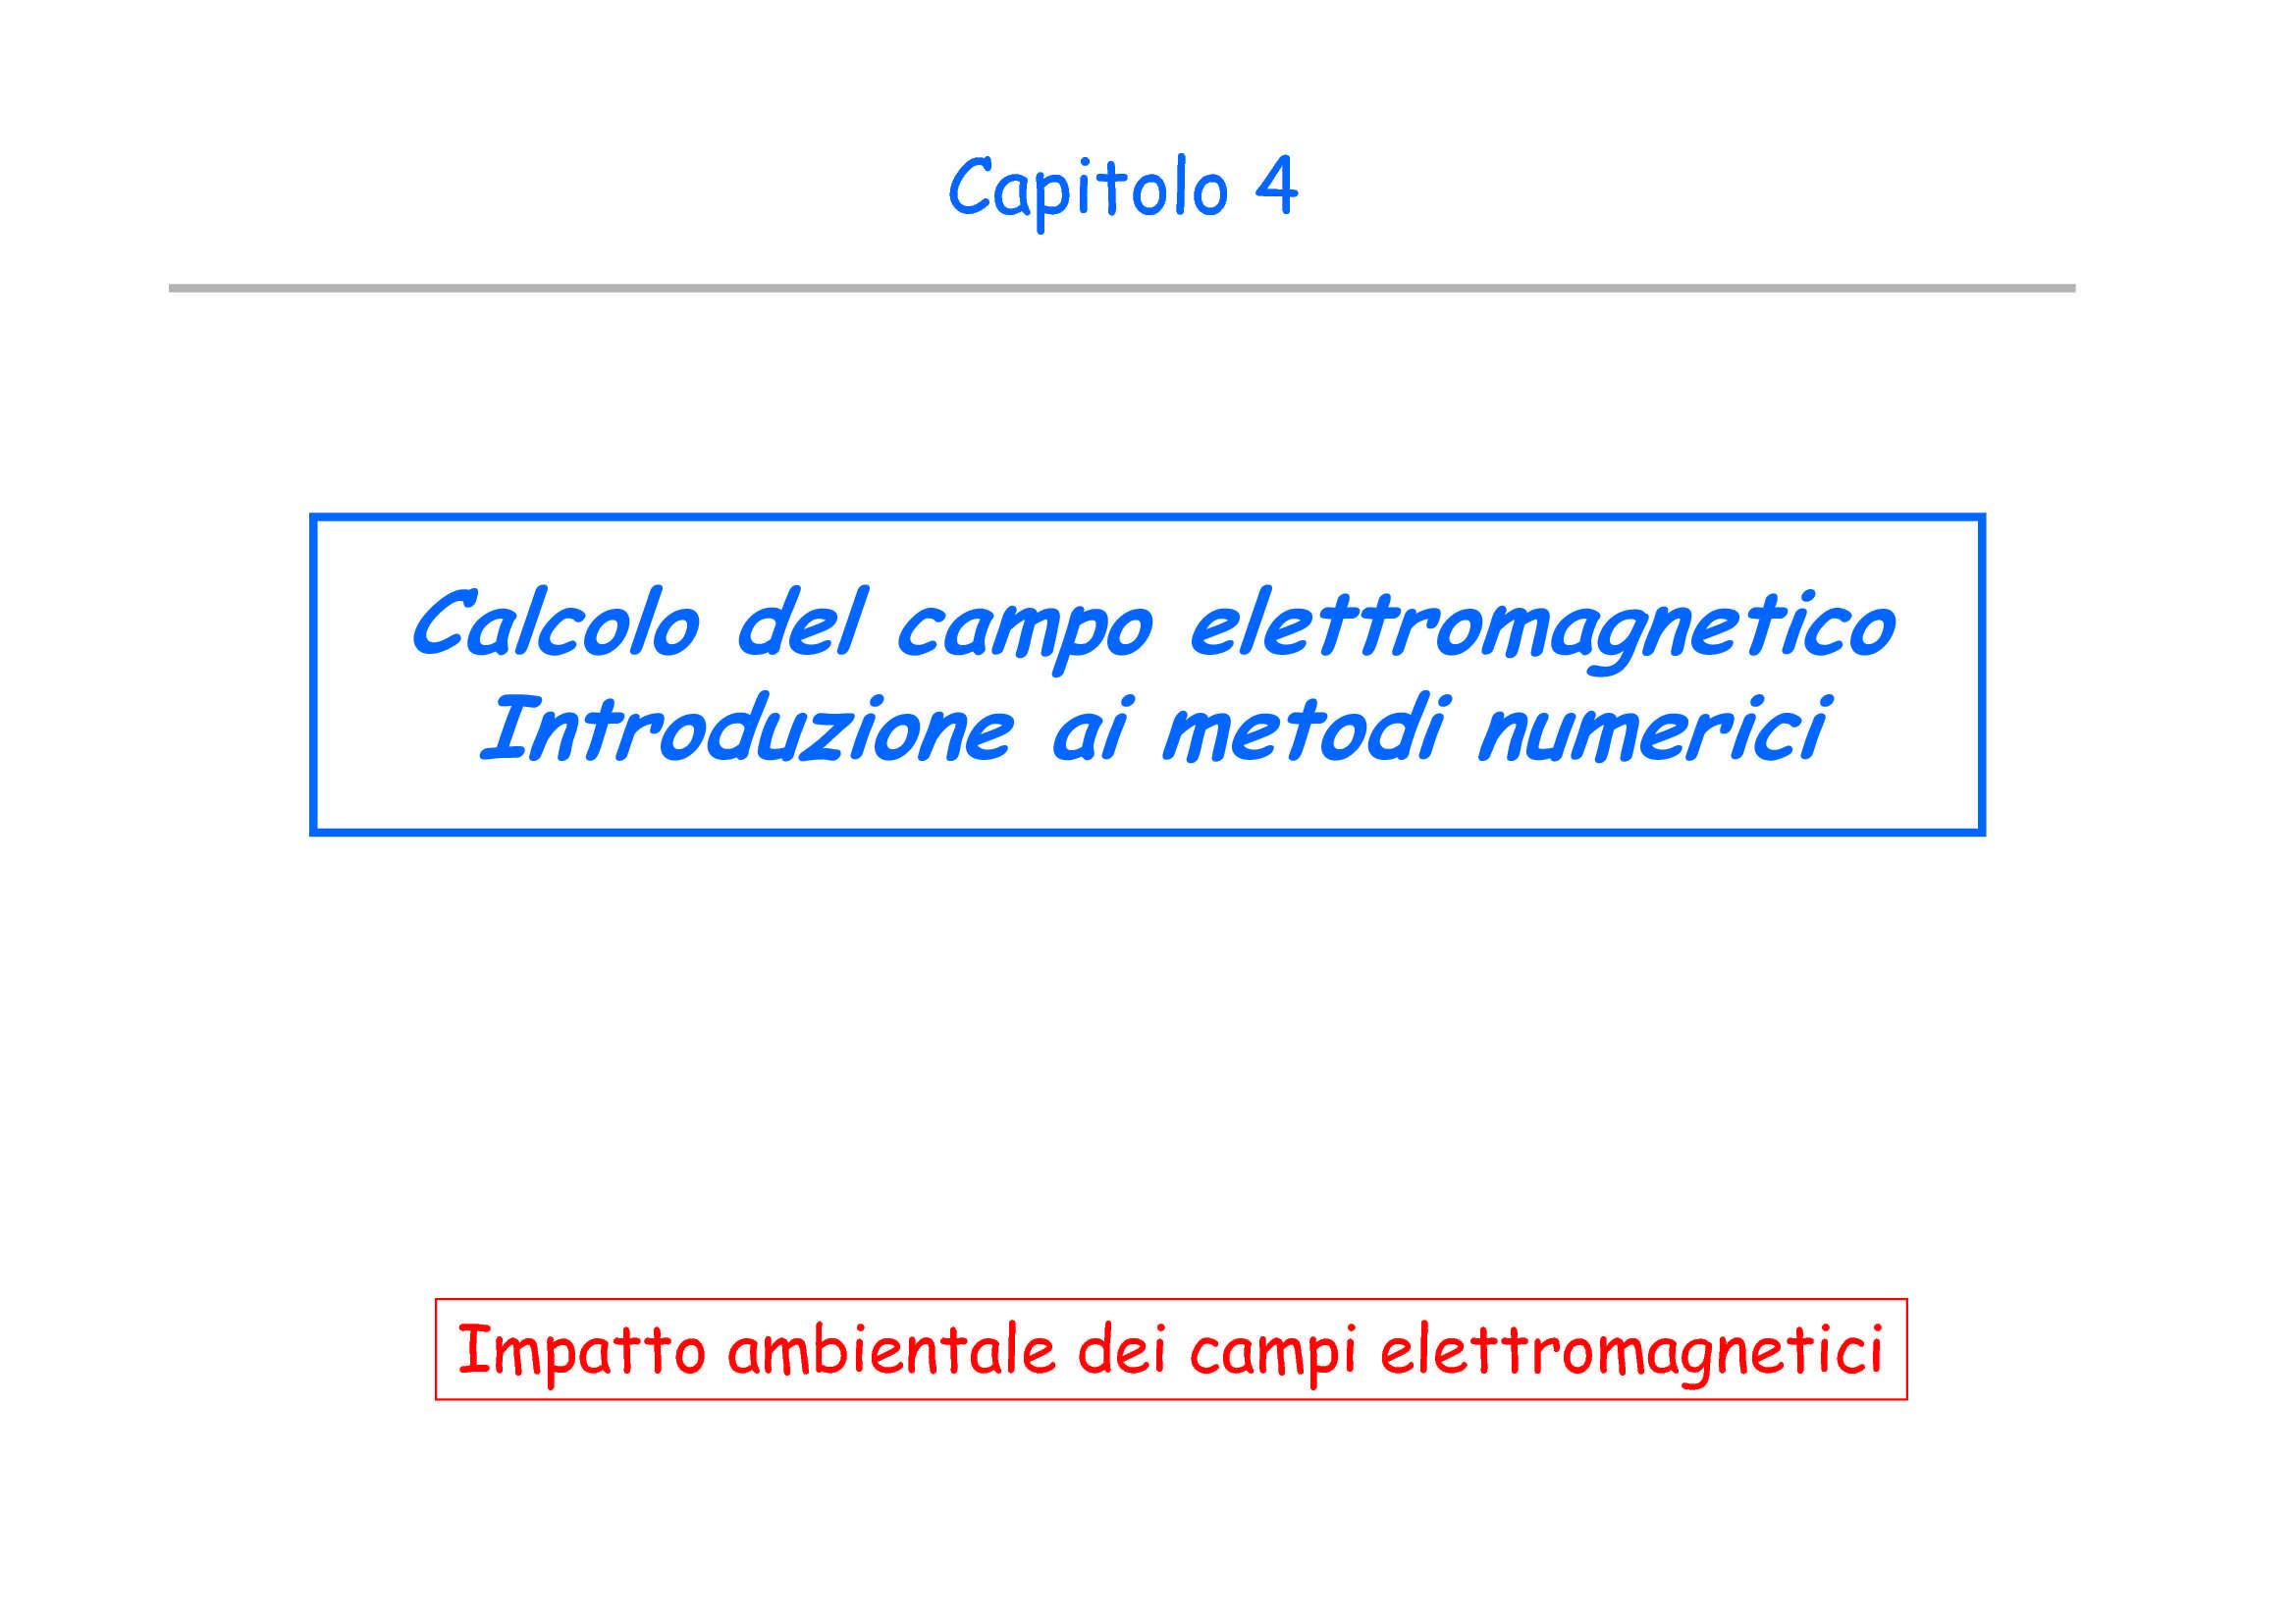 Campo elettromagnetico - Calcolo del campo